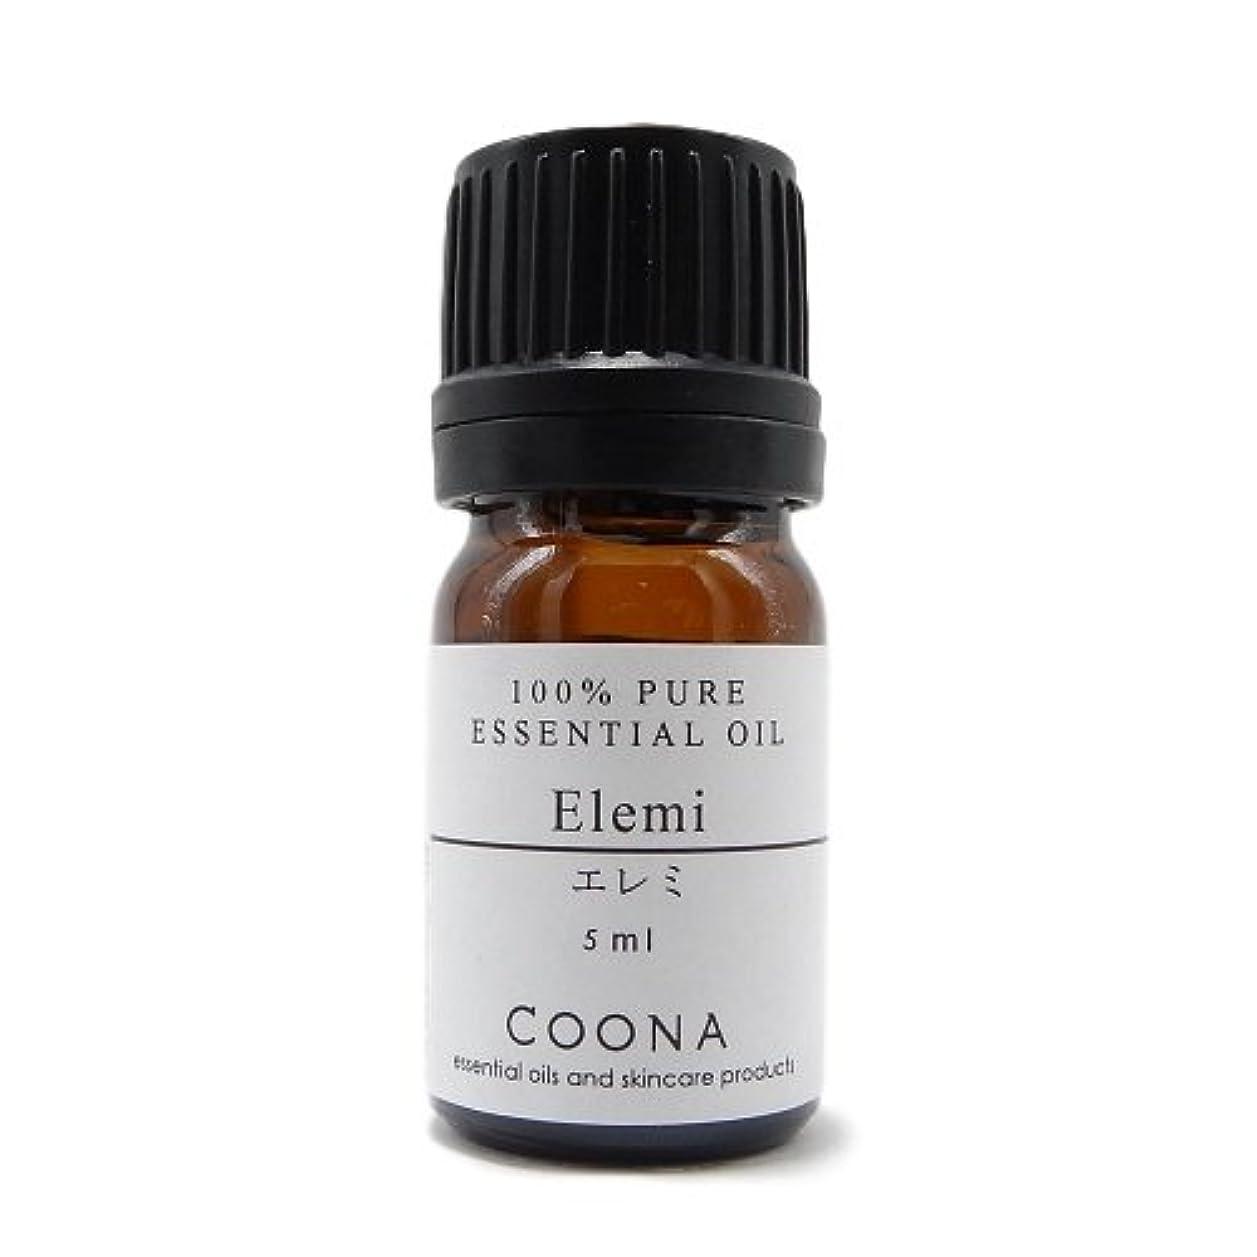 エレミ 5 ml (COONA エッセンシャルオイル アロマオイル 100%天然植物精油)